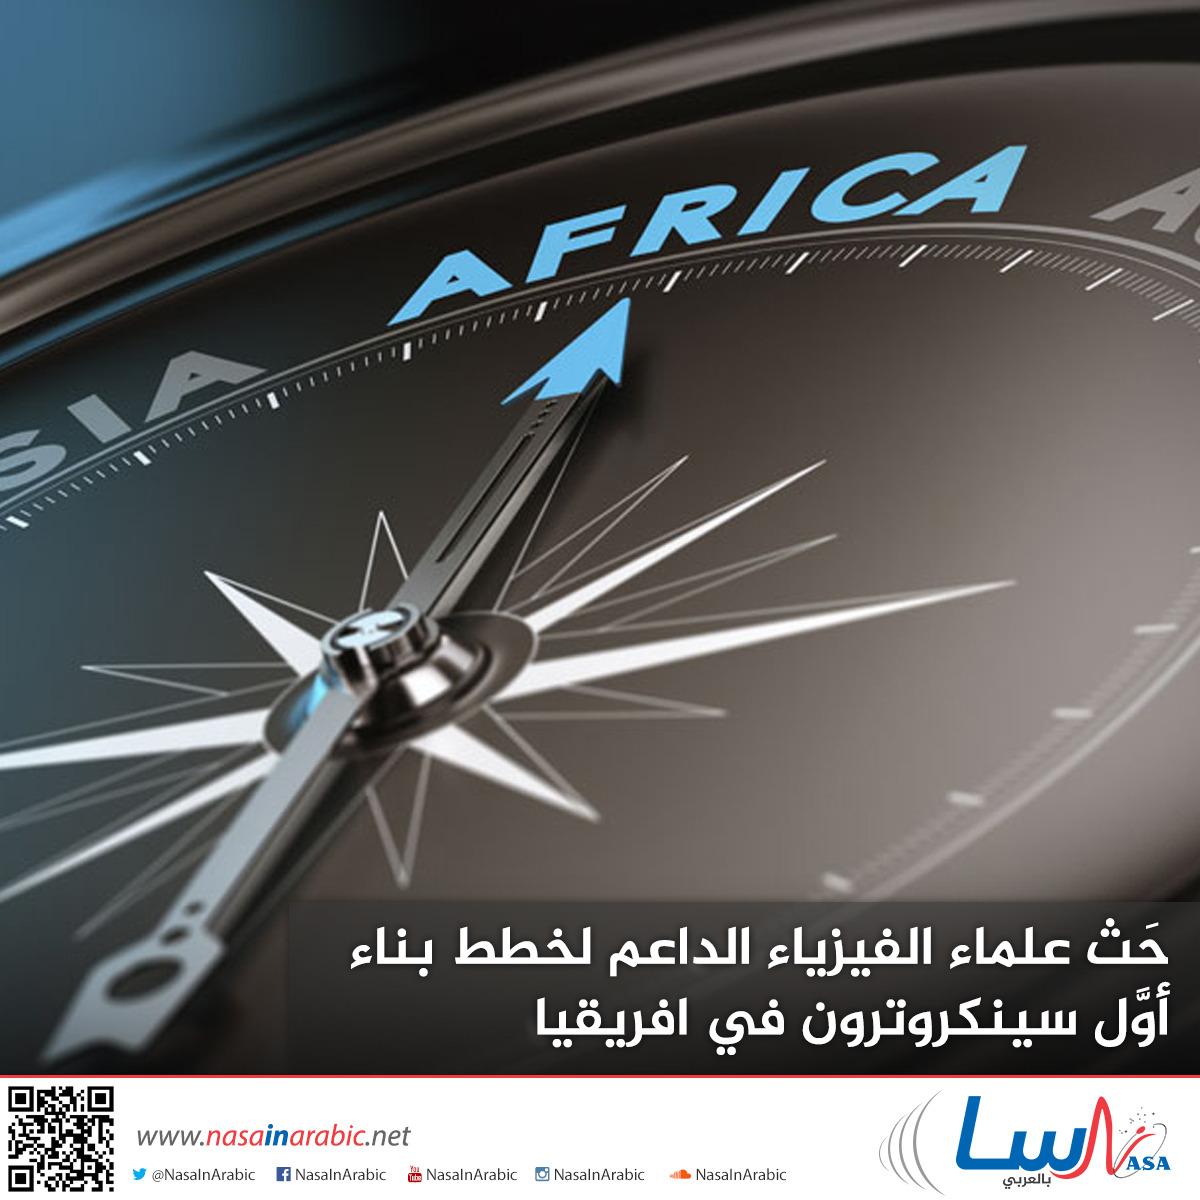 حَثْ علماء الفيزياء الداعم لخطط بناء أوَّل سينكروترون في افريقيا